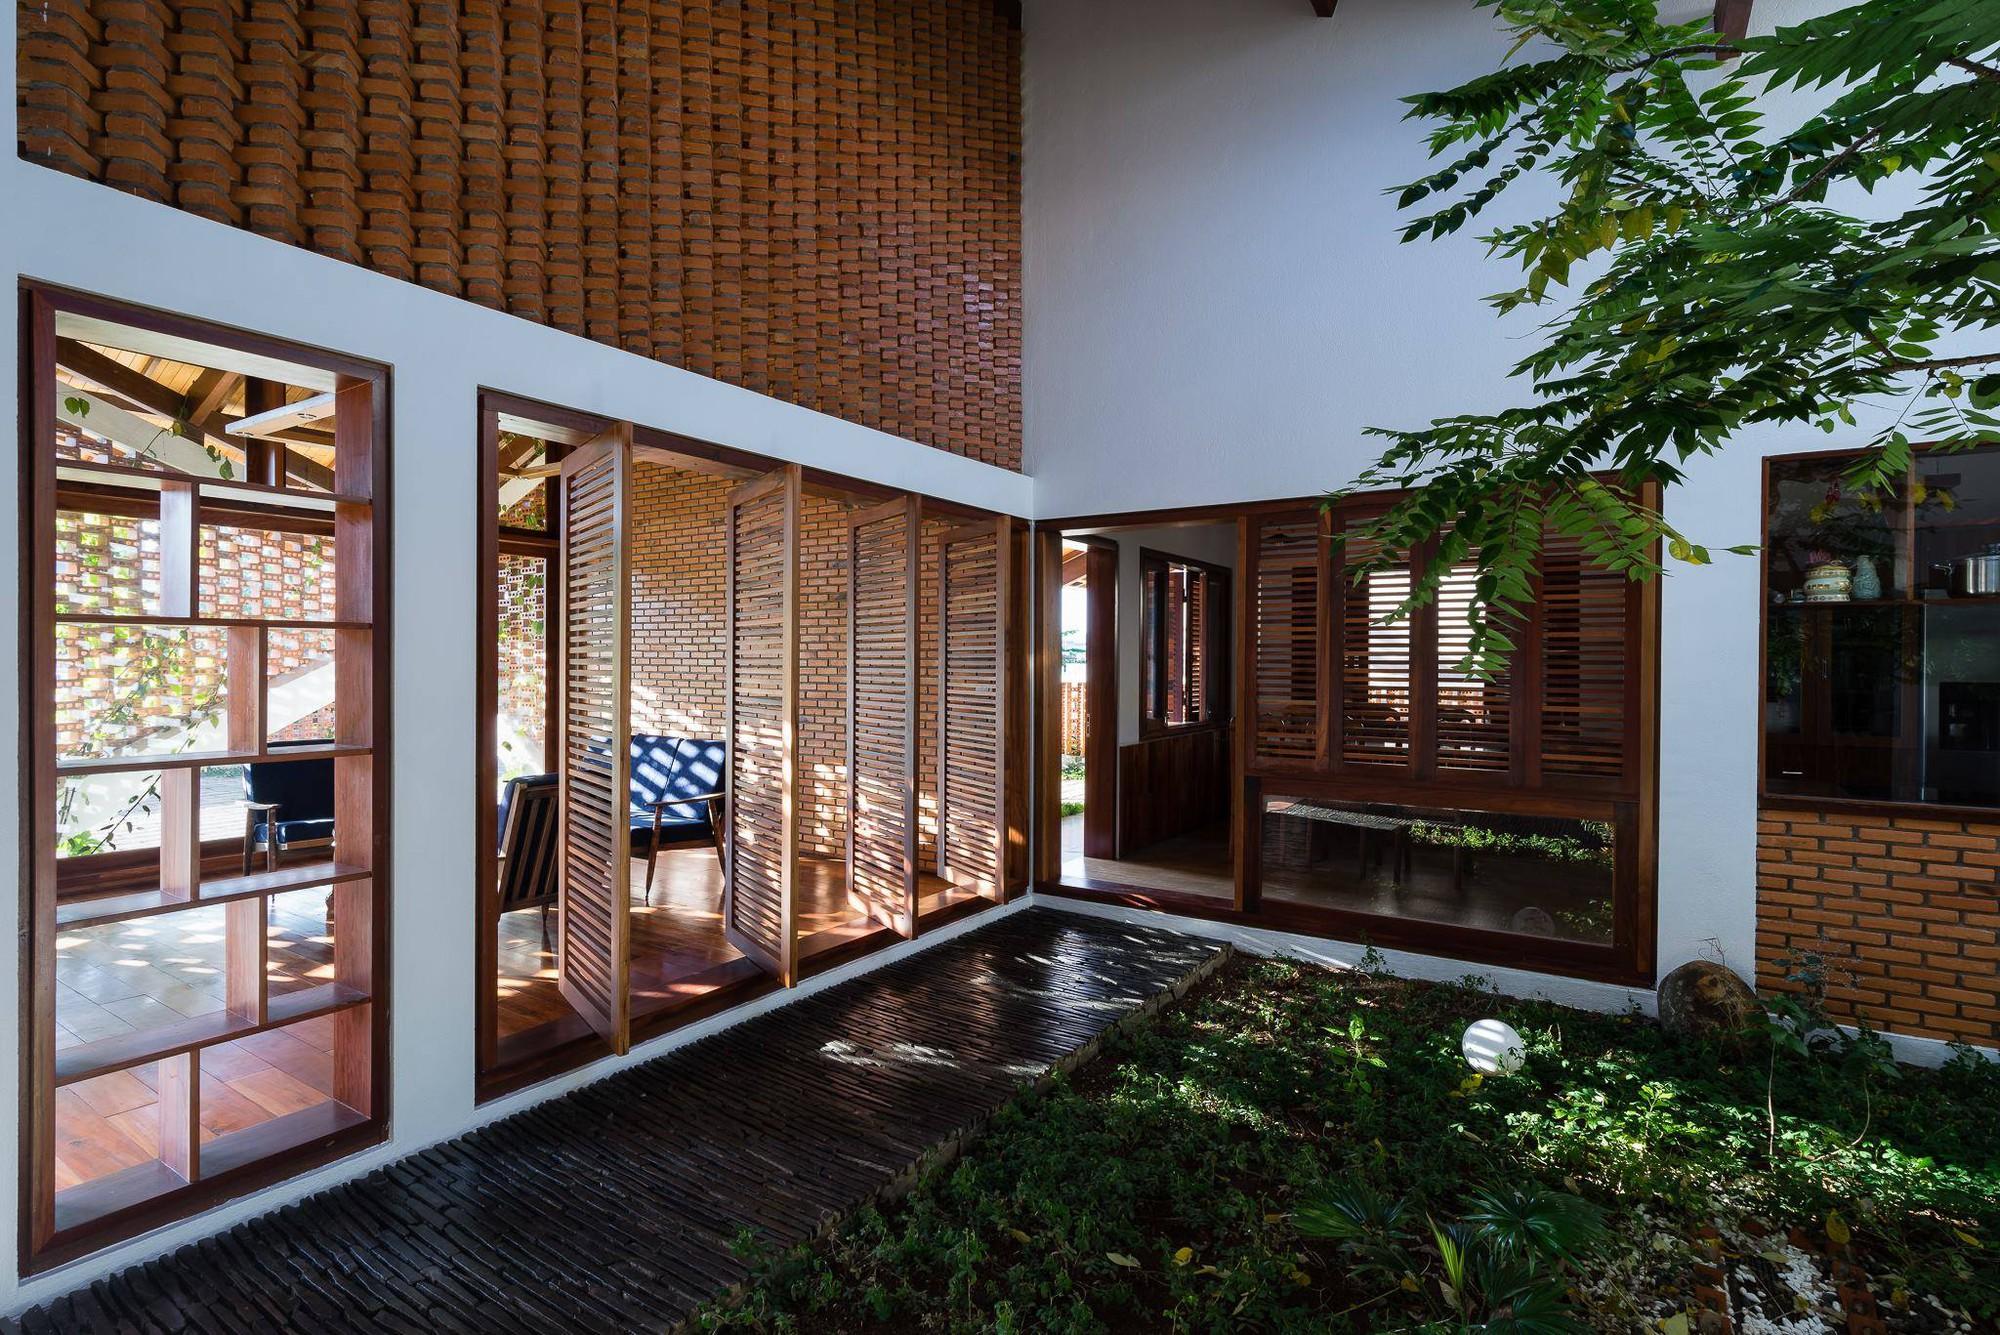 nha-dep-20-1531708744891646531612 Ngôi nhà mái ngói cấp 4 đẹp như resort khiến nhiều người ước mơ ở Lâm Đồng